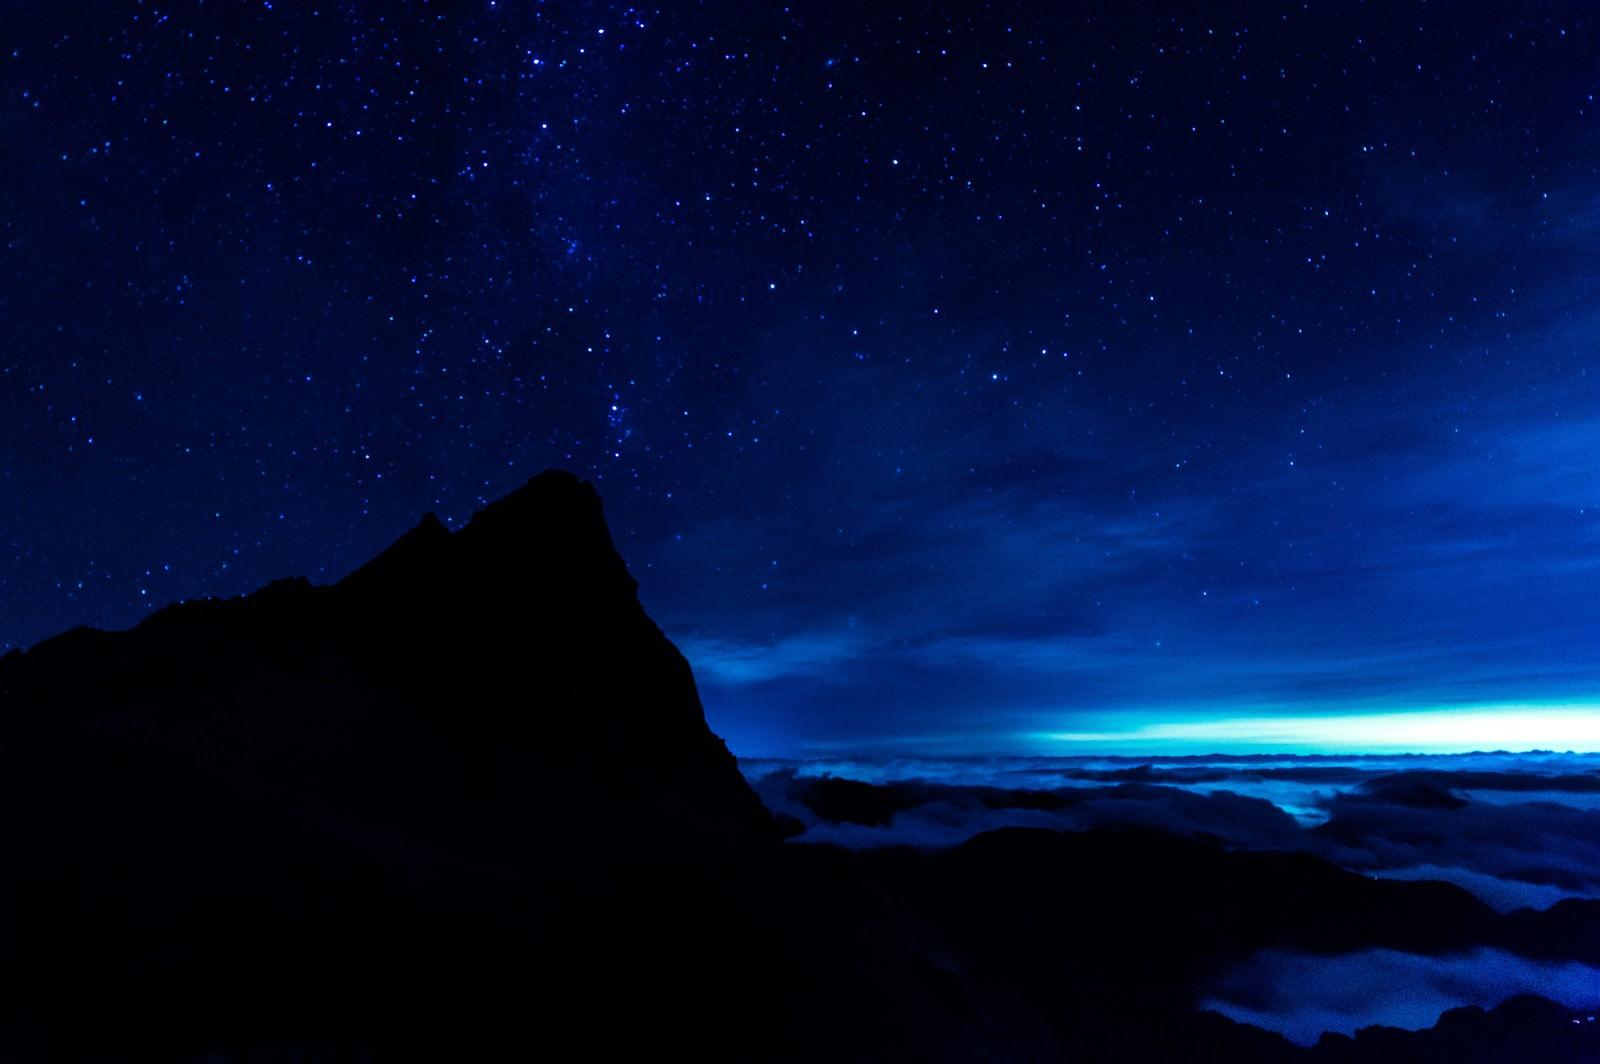 「槍ヶ岳からと満天の星と雲海槍ヶ岳からと満天の星と雲海」のフリー写真素材を拡大